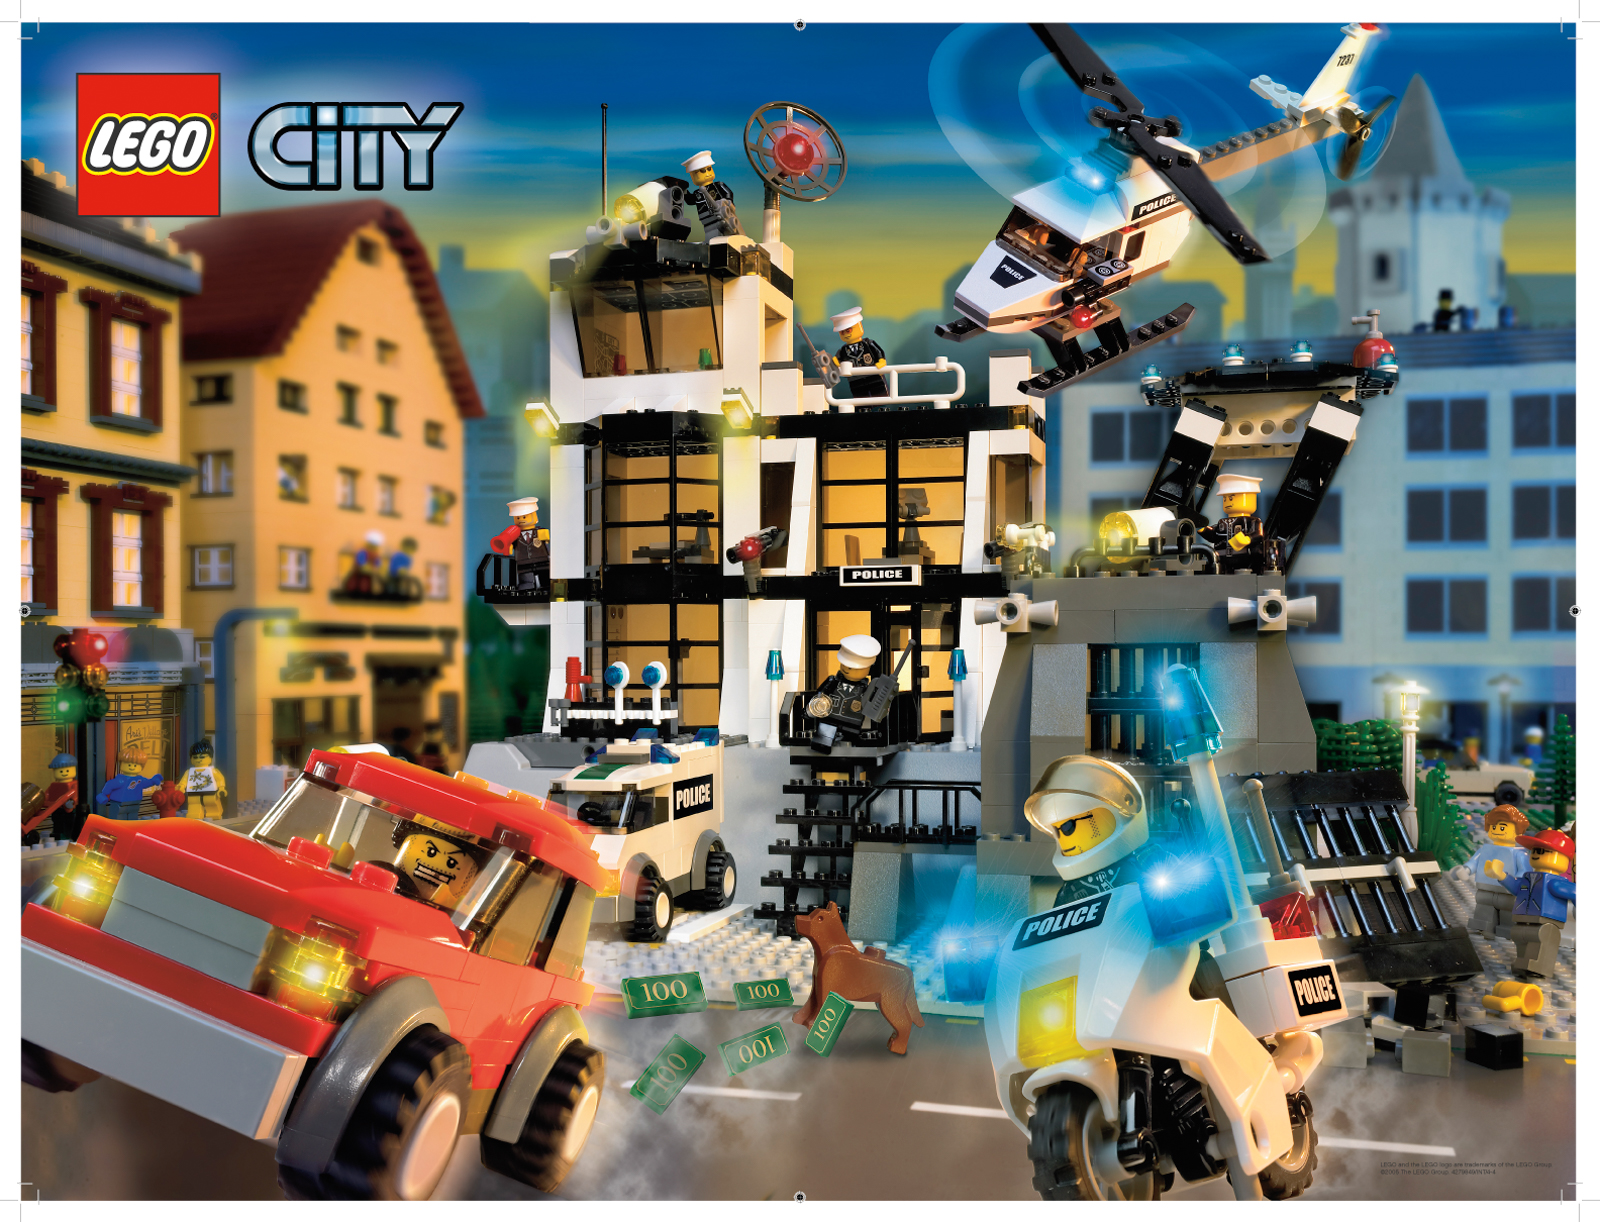 LEGO _002.jpg